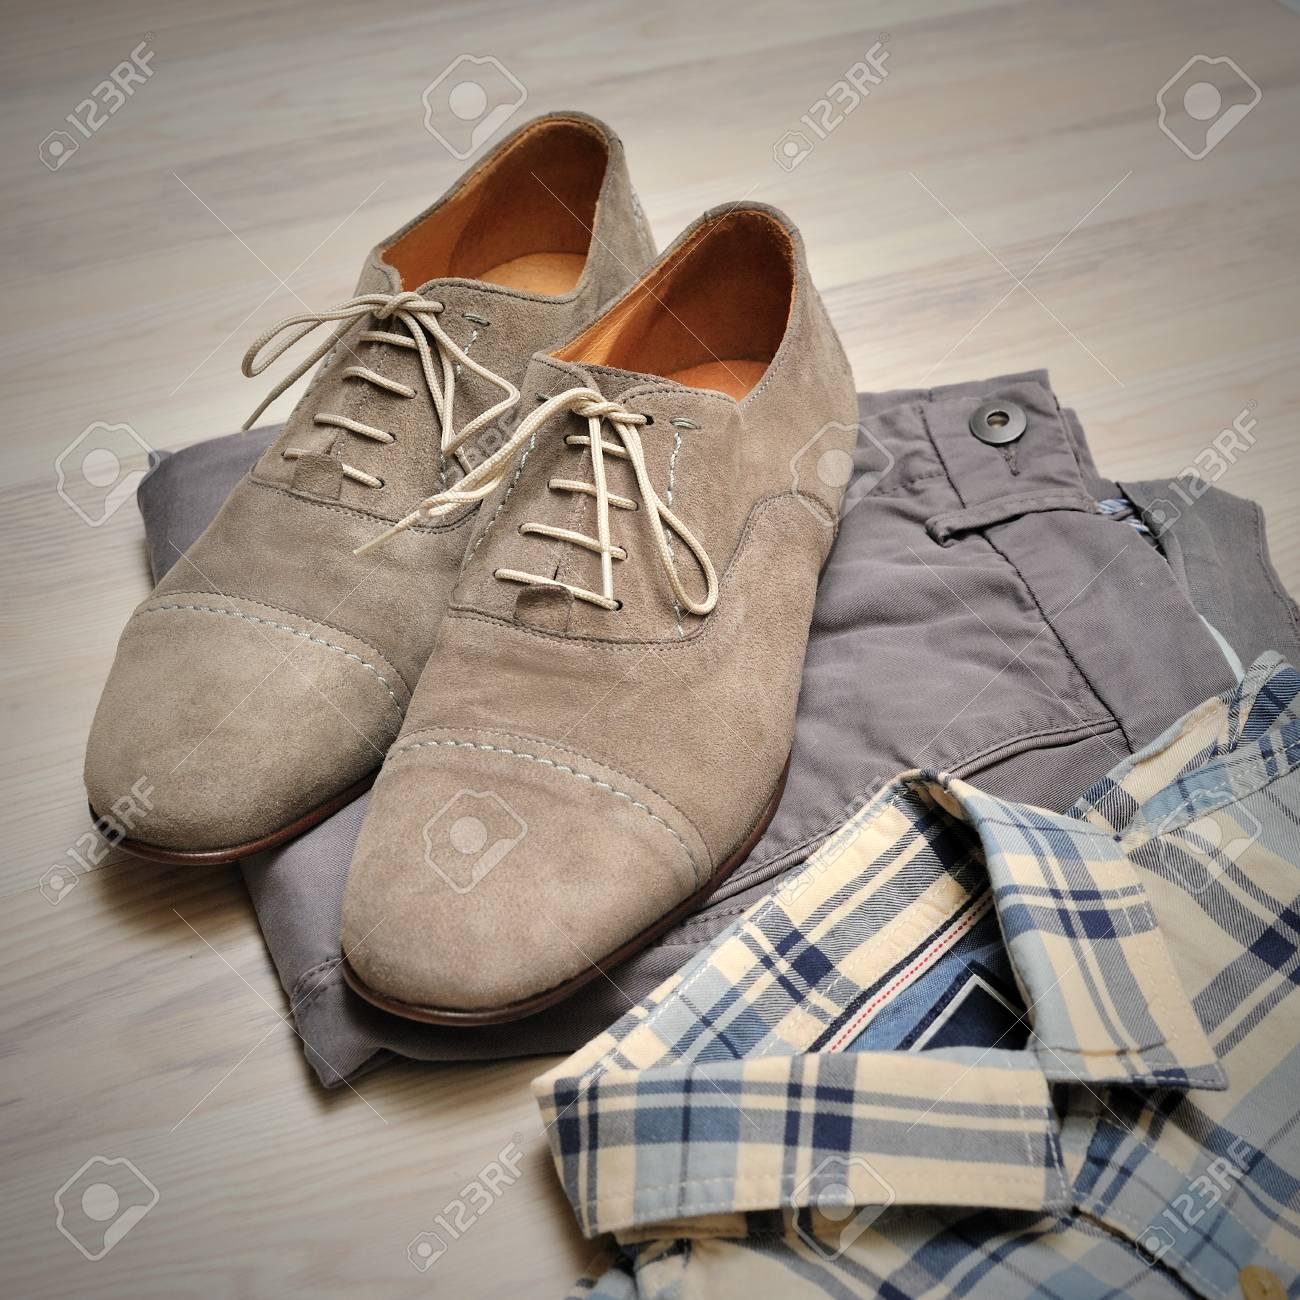 Pantalones beige, camisa a cuadros y zapatos de gamuza gris. Vista aérea de trajes casual para hombres.